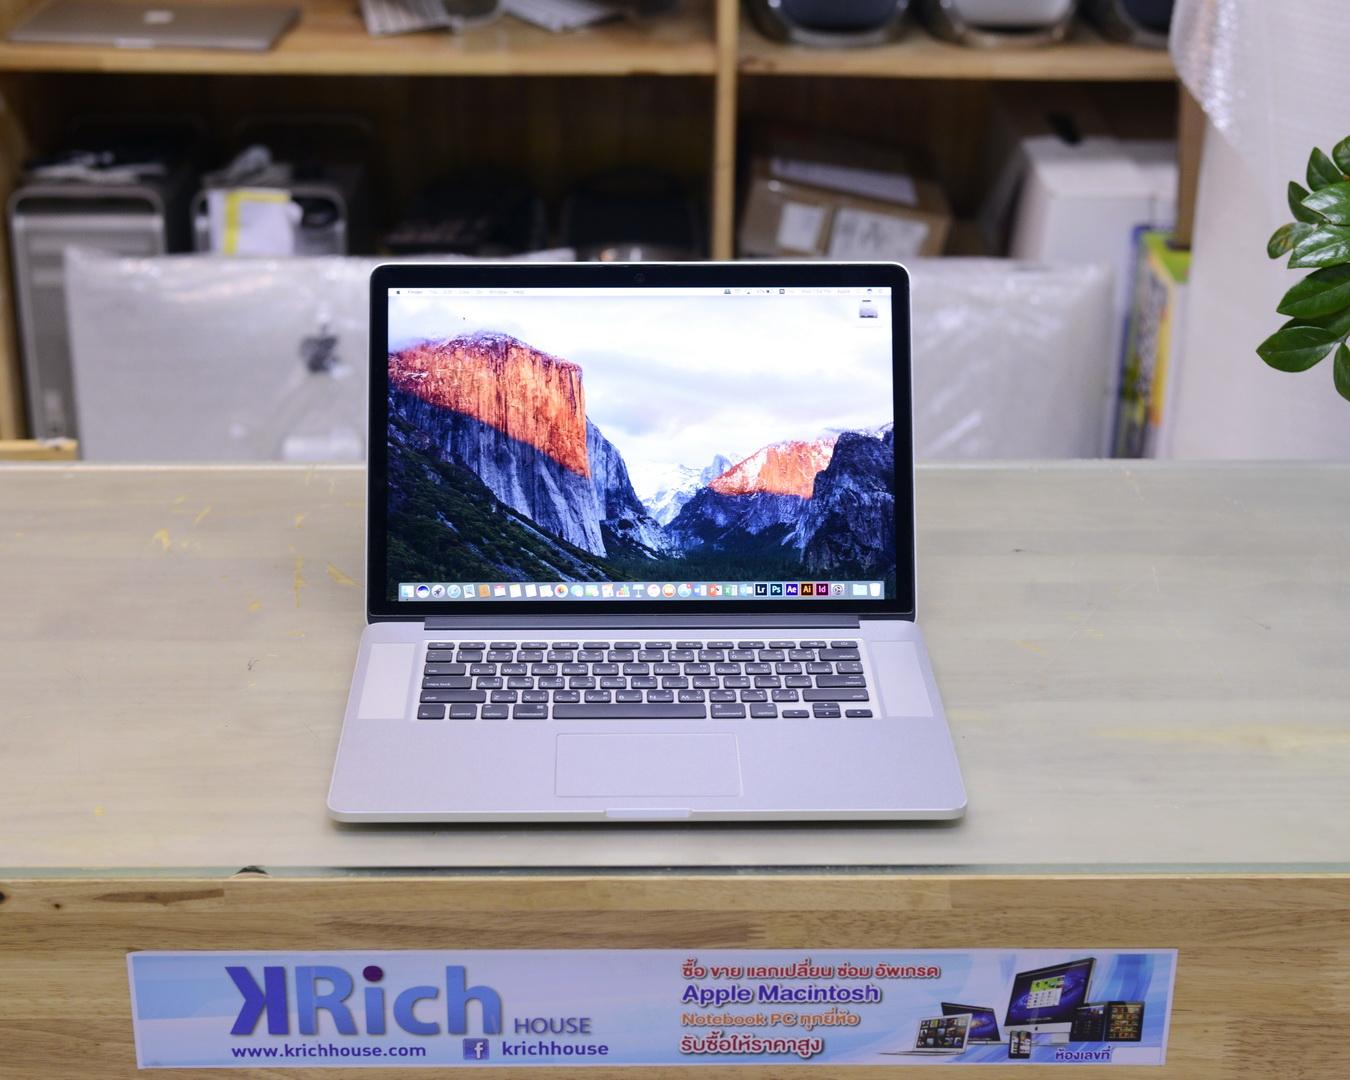 MacBook Pro (Retina 15-inch Mid 2012) Quad-Core i7 2.3GHz RAM 8GB SSD 256GB - Nvidia GeForce 650M 1GB